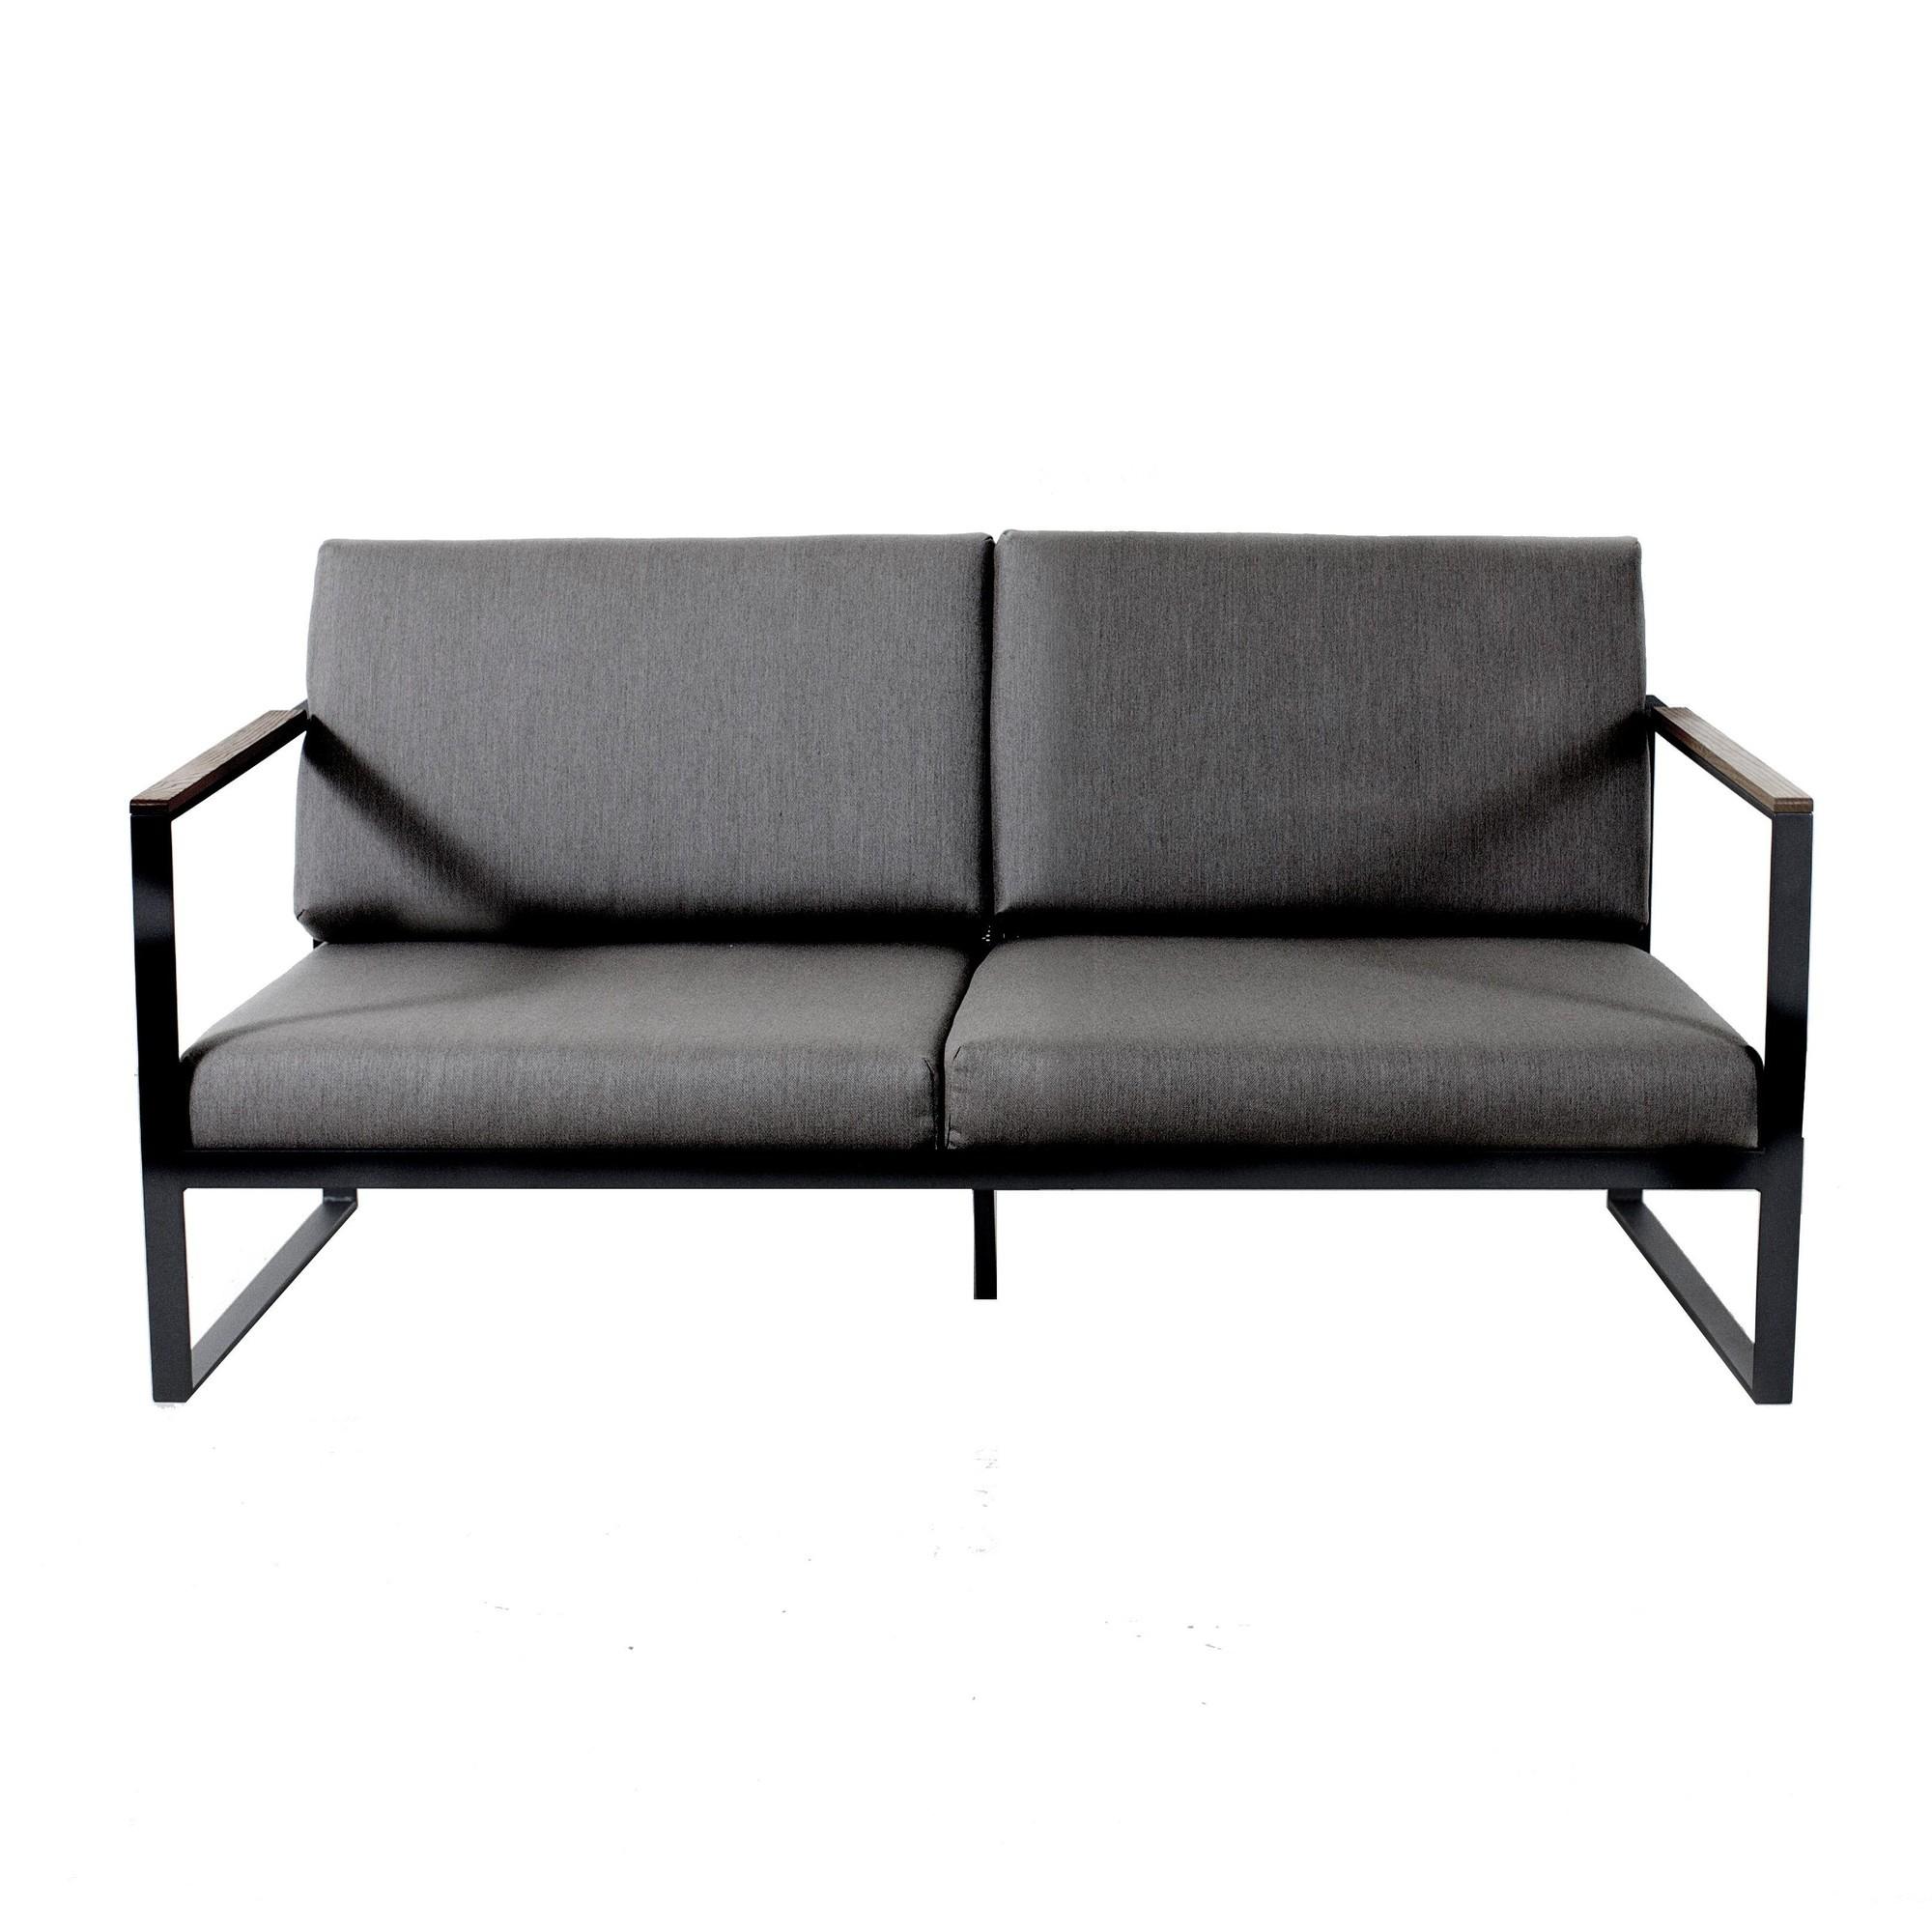 Garden Easy 2-Seater Outdoor Sofa